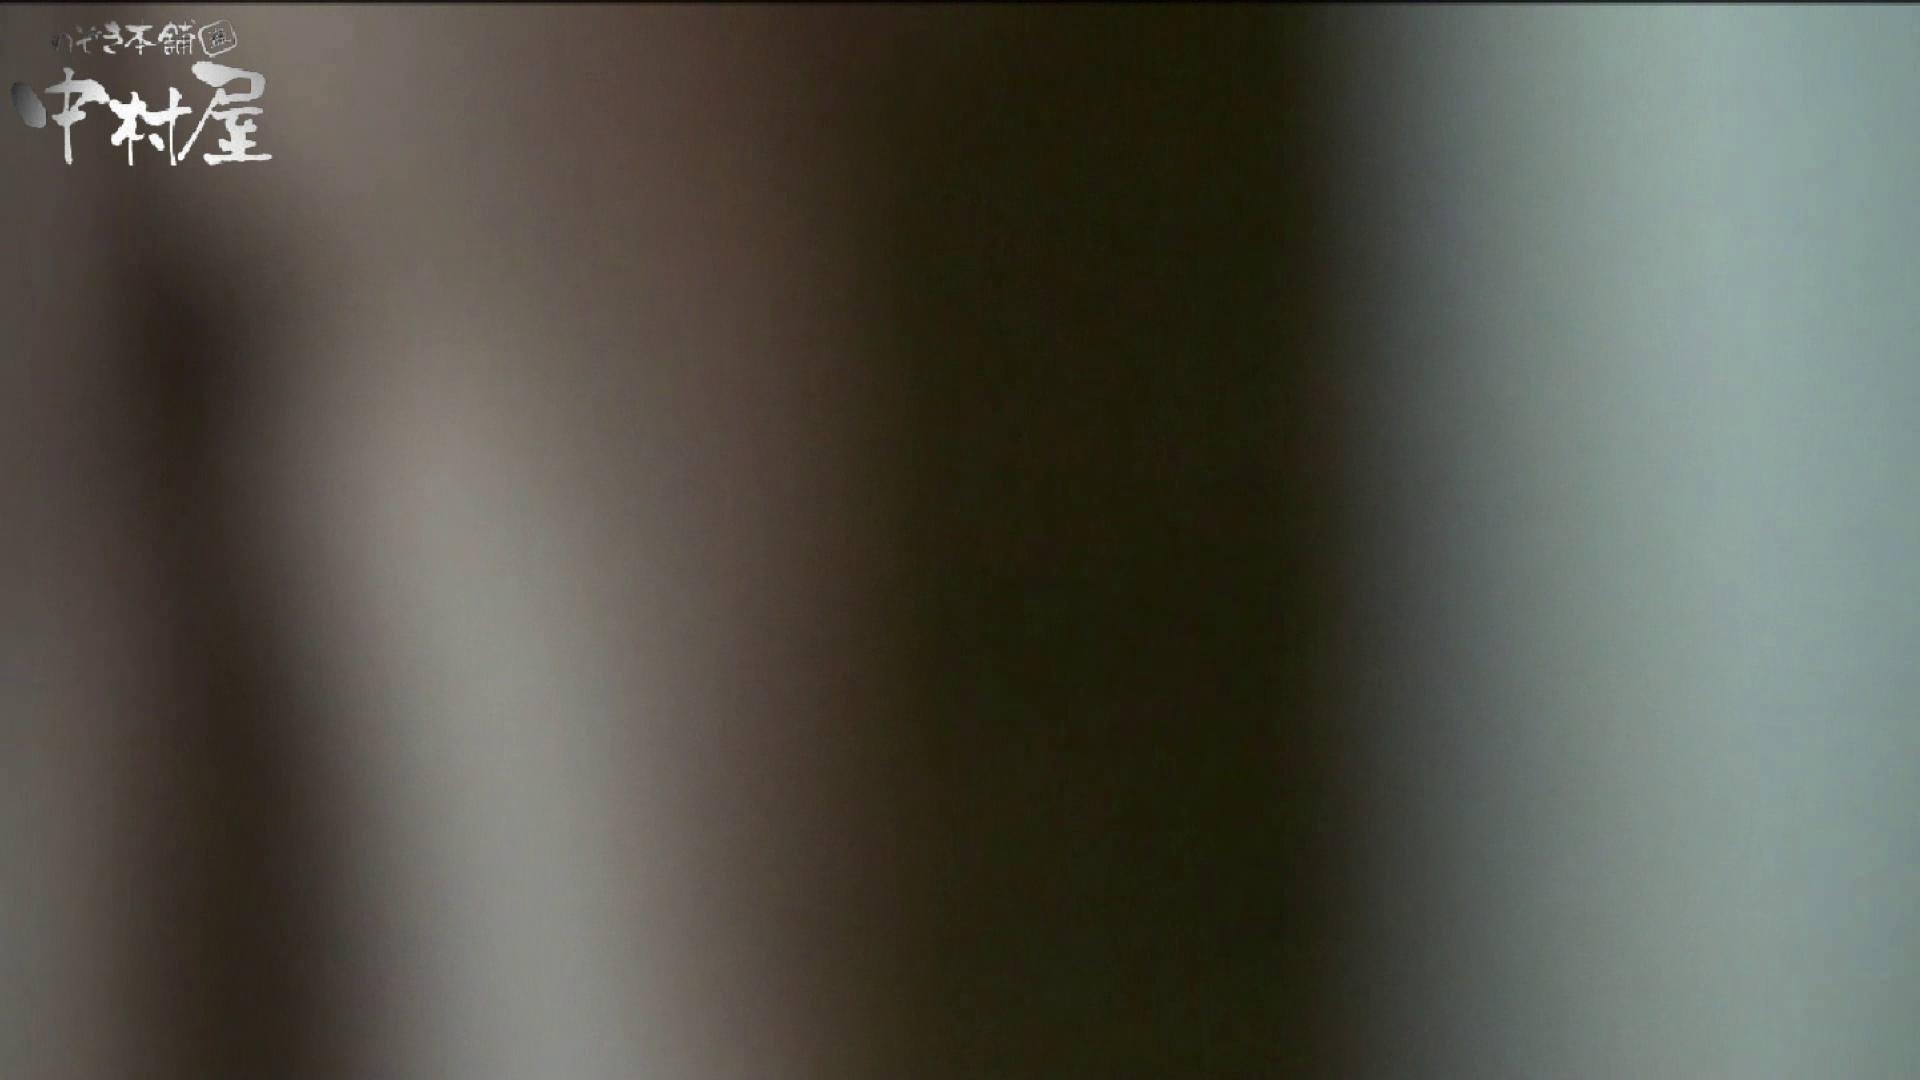 貸切露天 発情カップル! vol.02前編 お姉さんのエロ動画 オメコ動画キャプチャ 77PIX 38